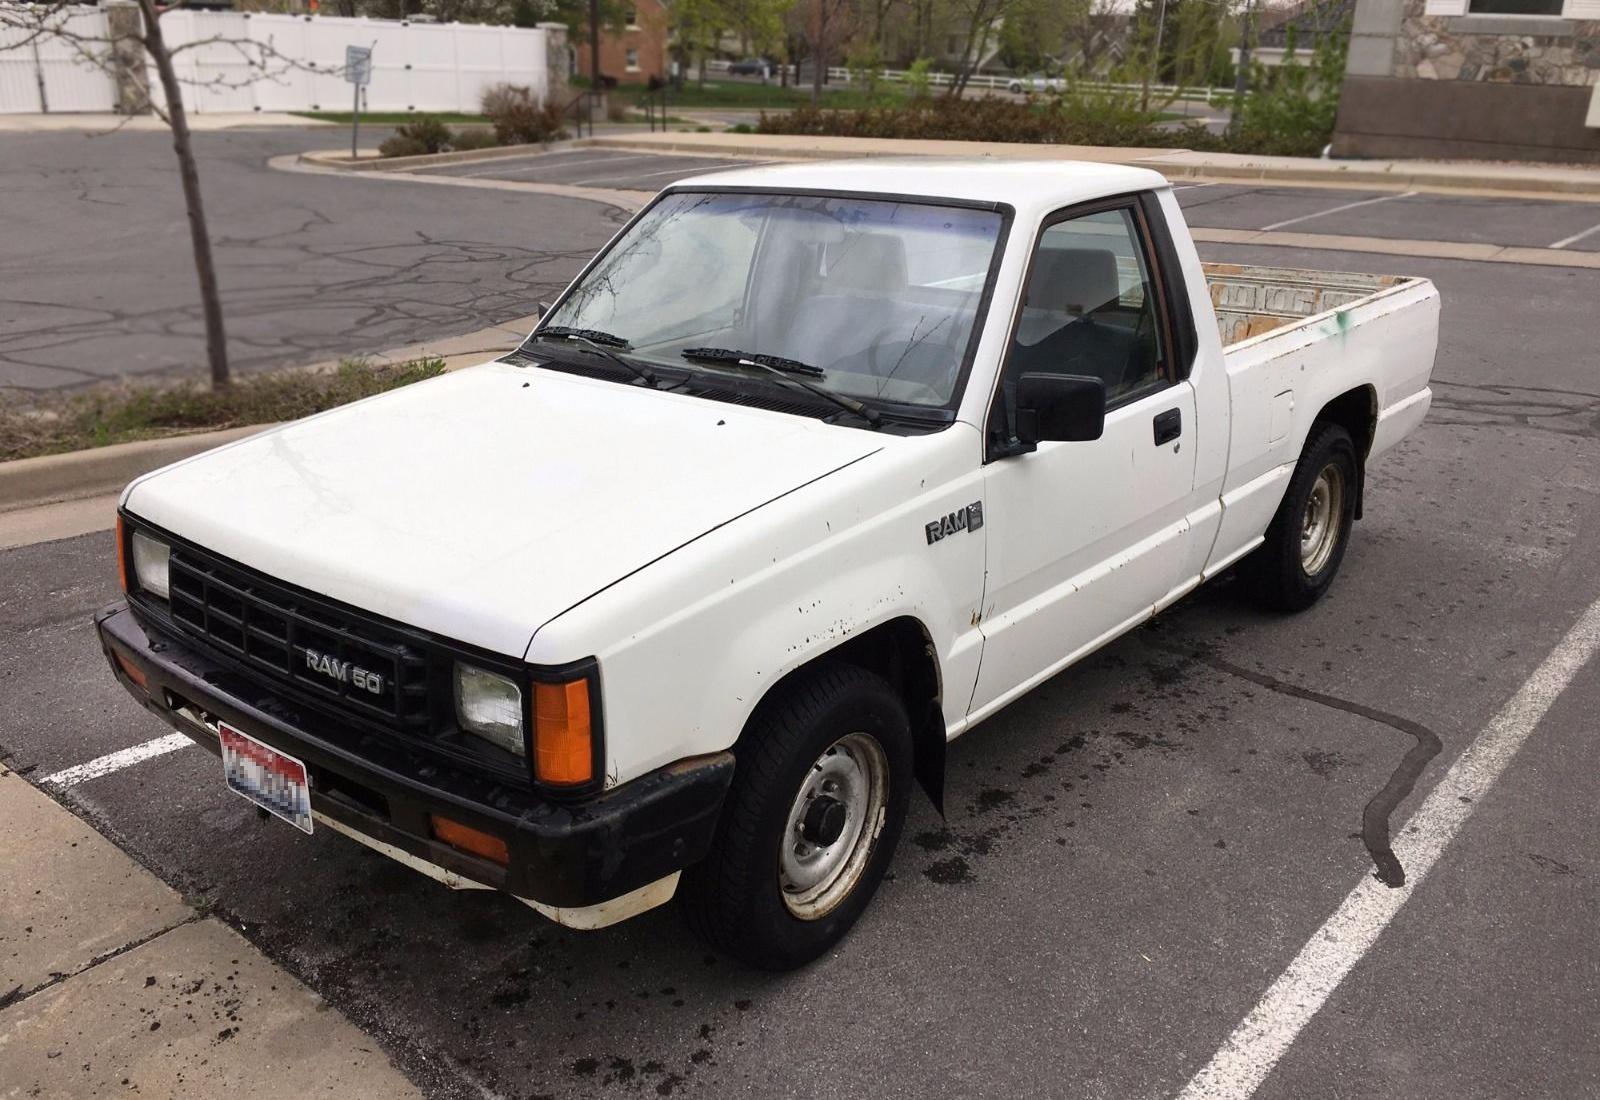 New Ram Truck >> Big Fan - Small Truck: 1987 Dodge Ram 50